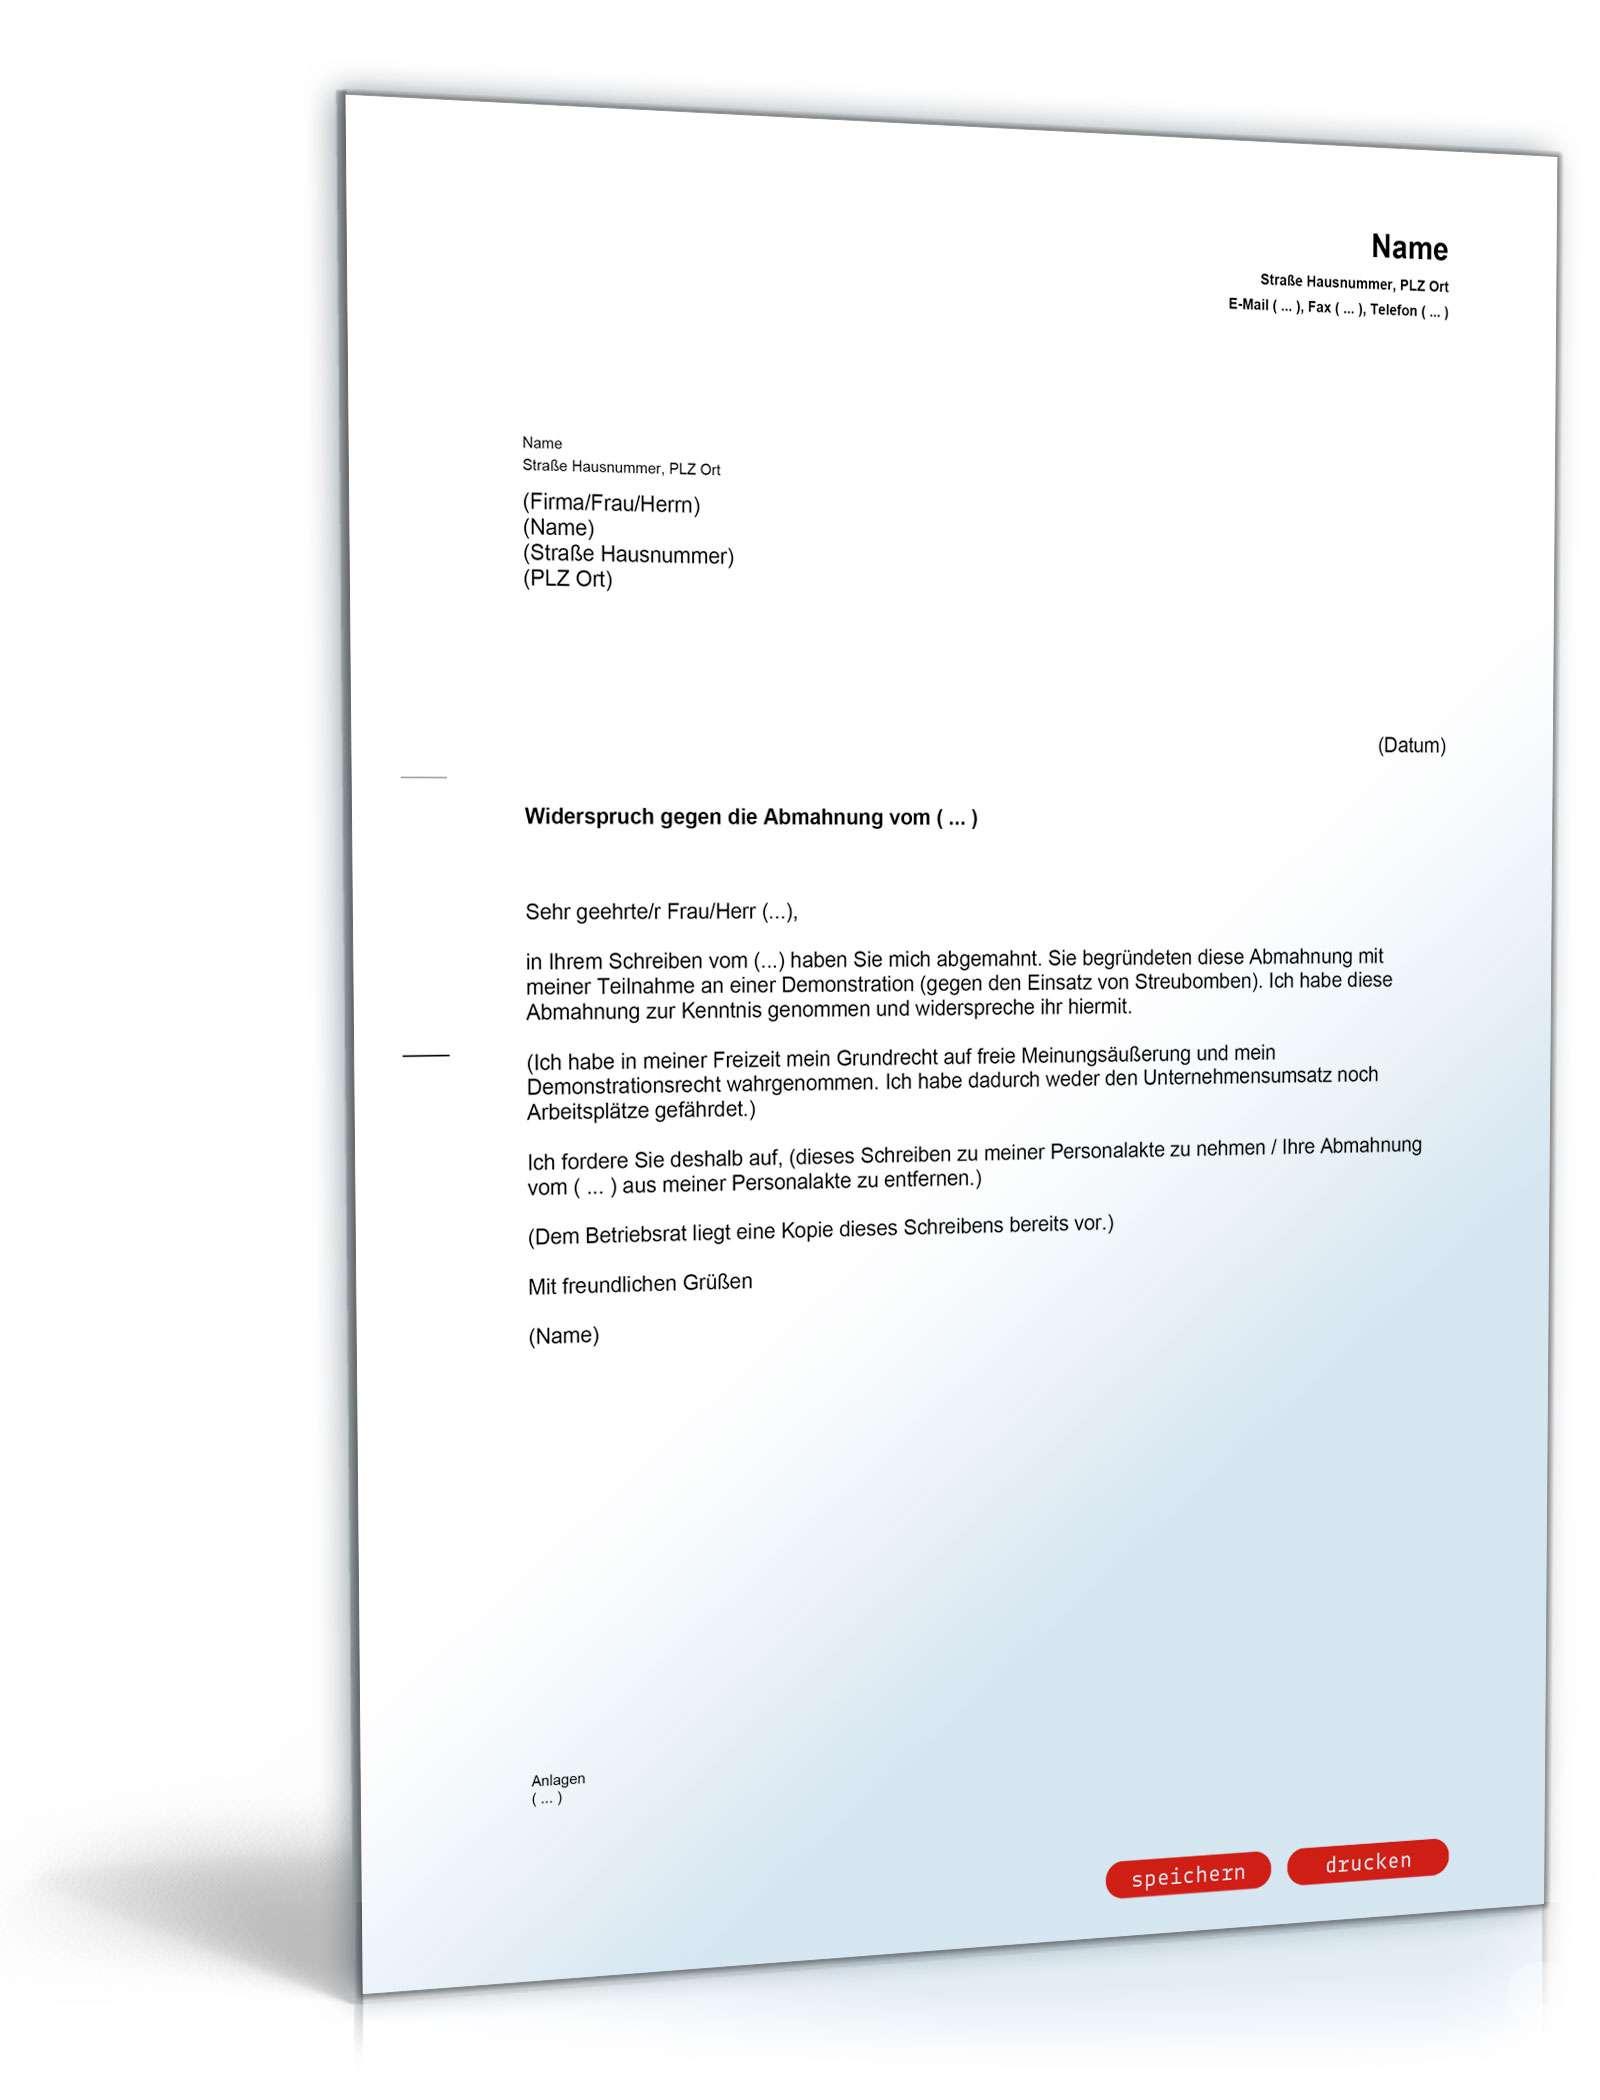 Ausgezeichnet Vorlage Für Die Teilnahme Zeitgenössisch - Beispiel ...